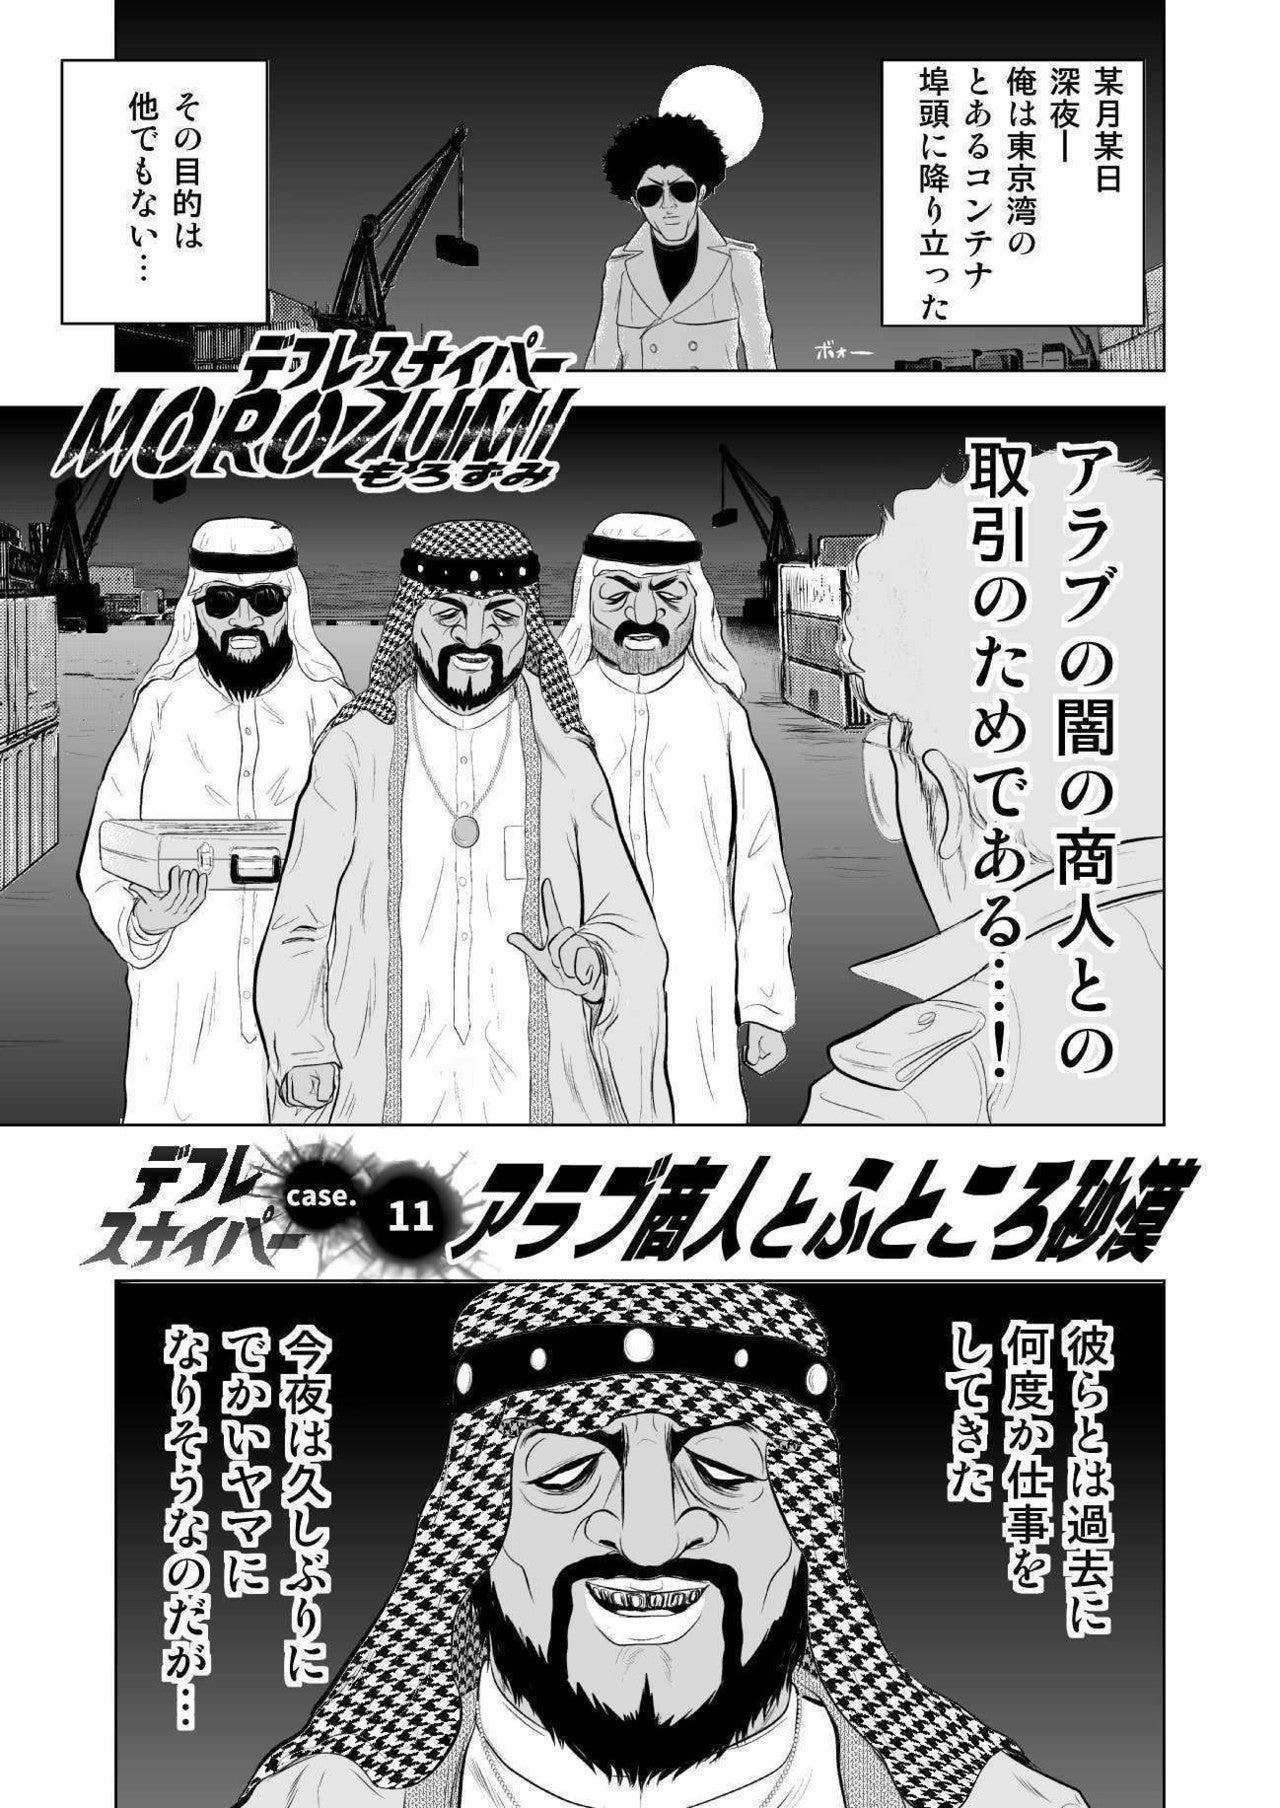 デフレスナイパーMOROZUMI_第7話--0001